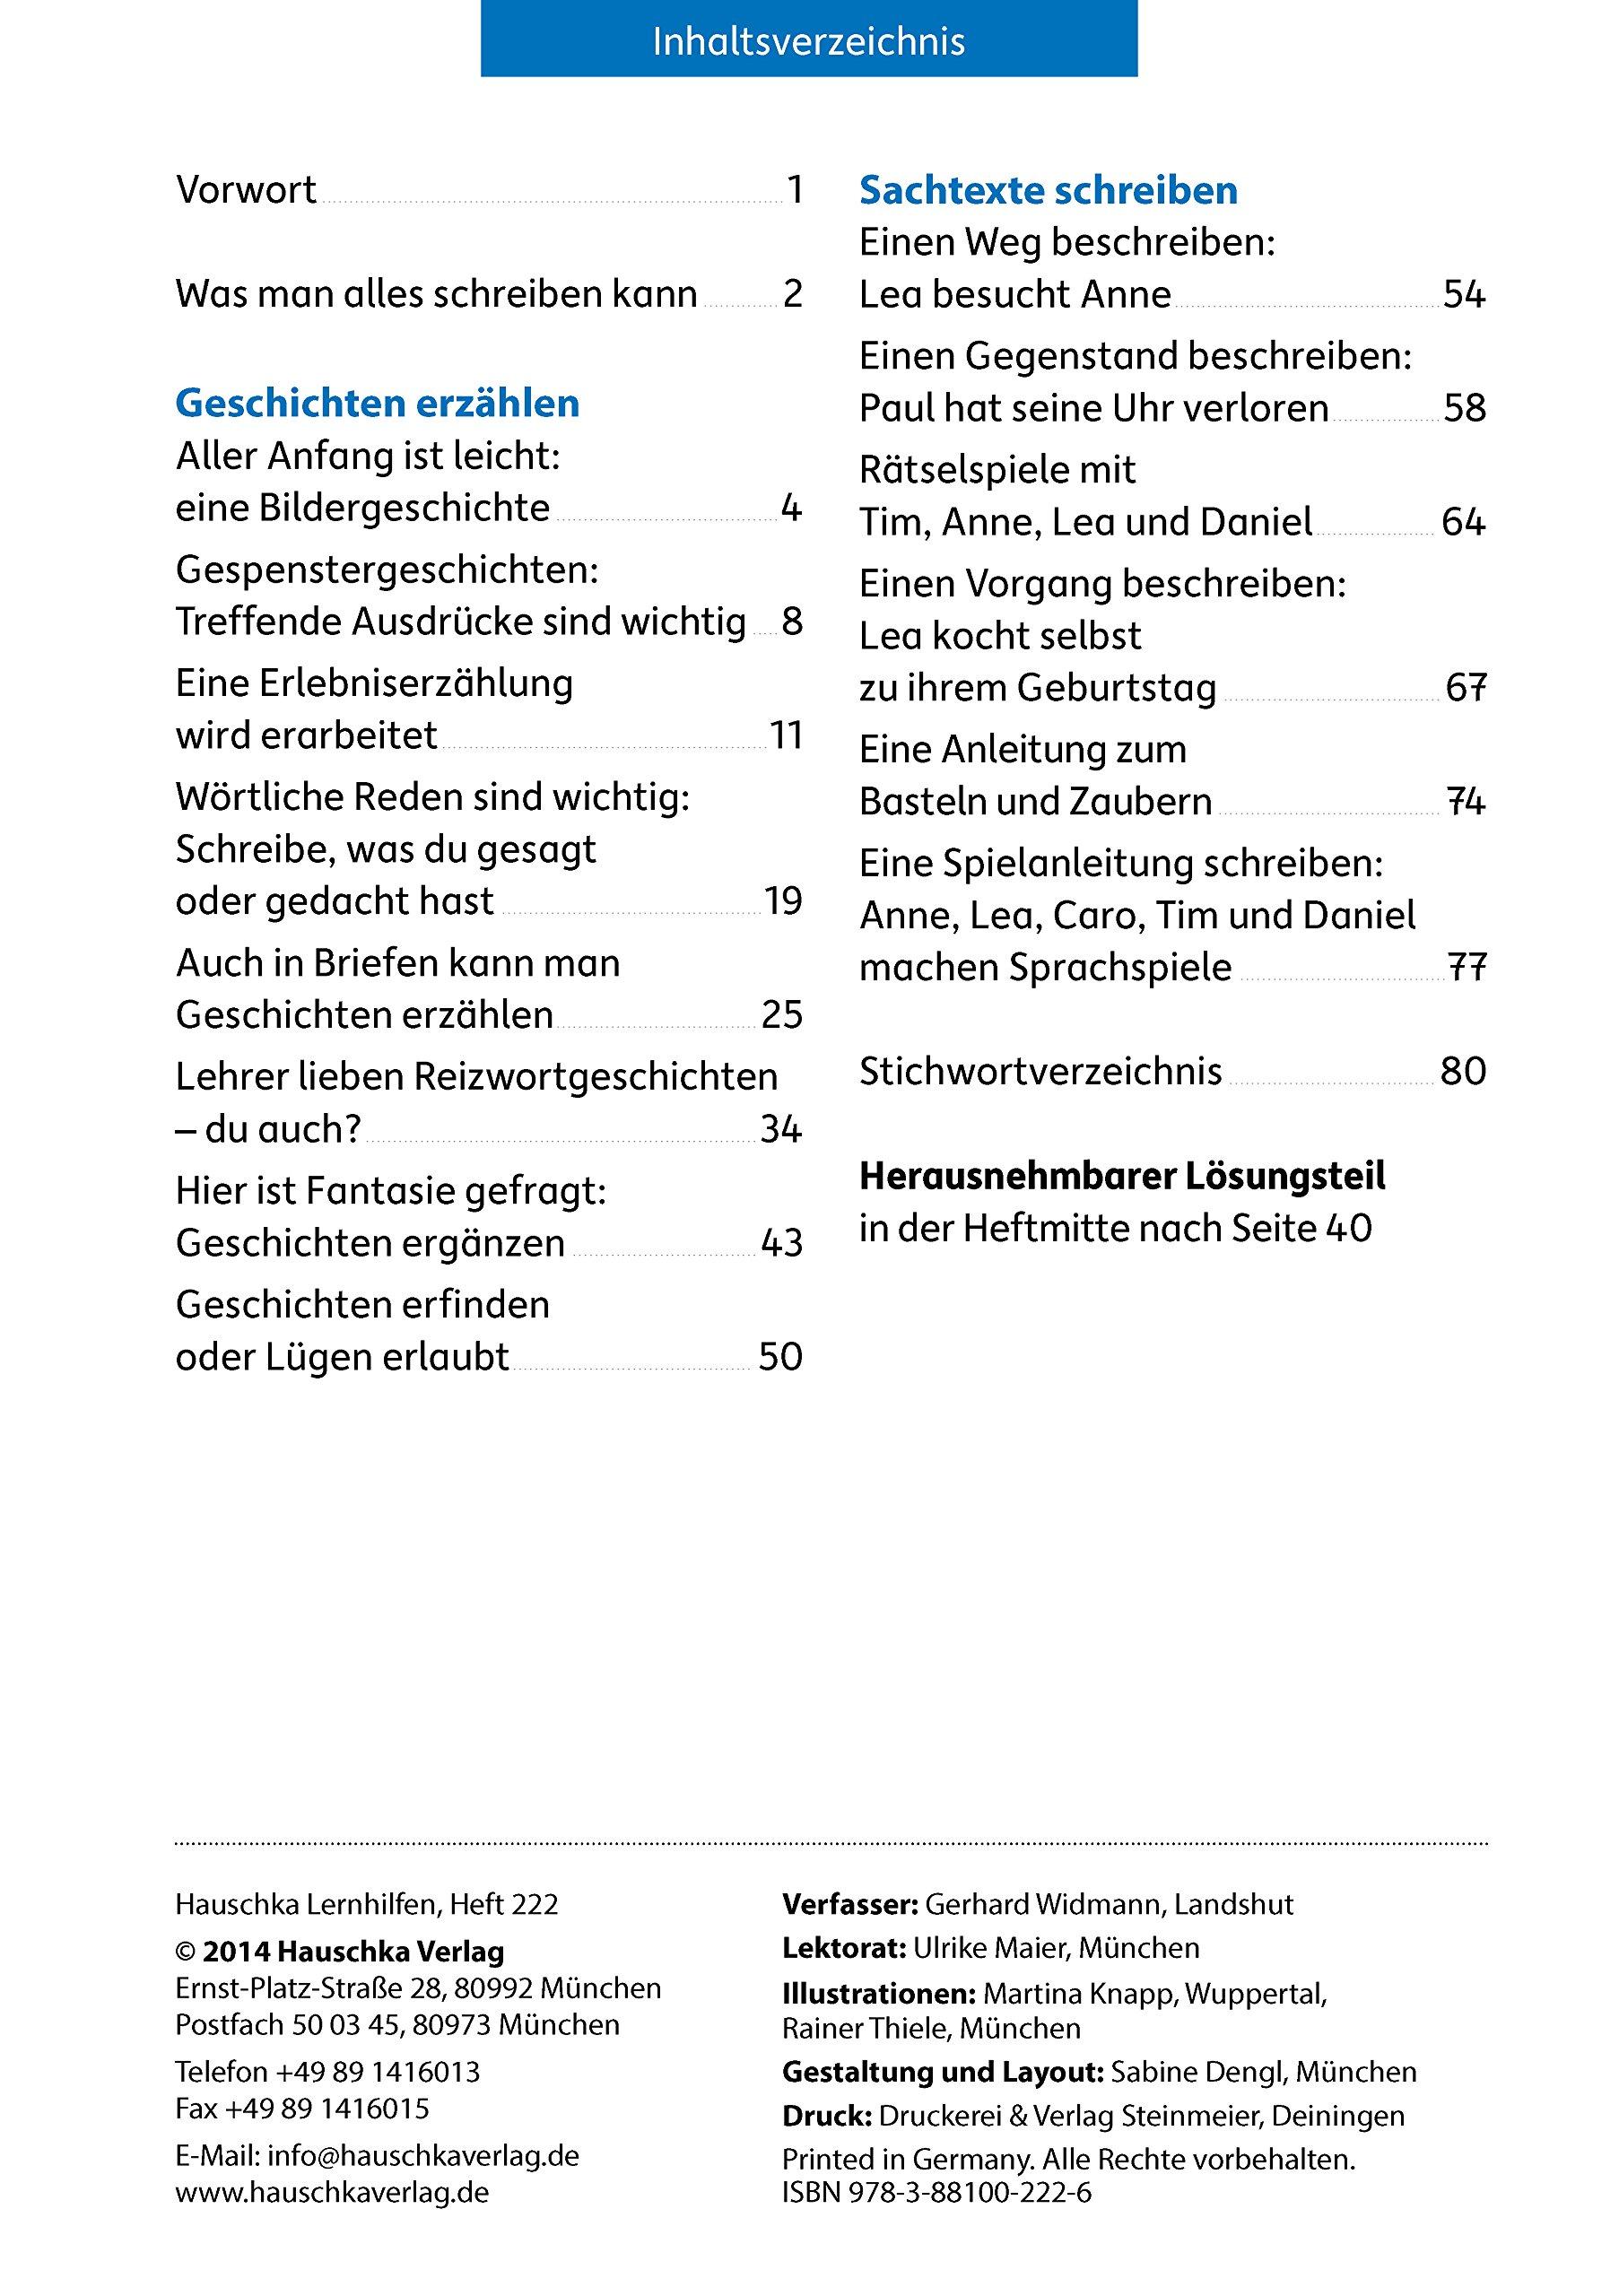 aufsatz deutsch 3 klasse amazonde gerhard widmann martina knapp rainer thiele bcher - Erlebniserzahlung Beispiel